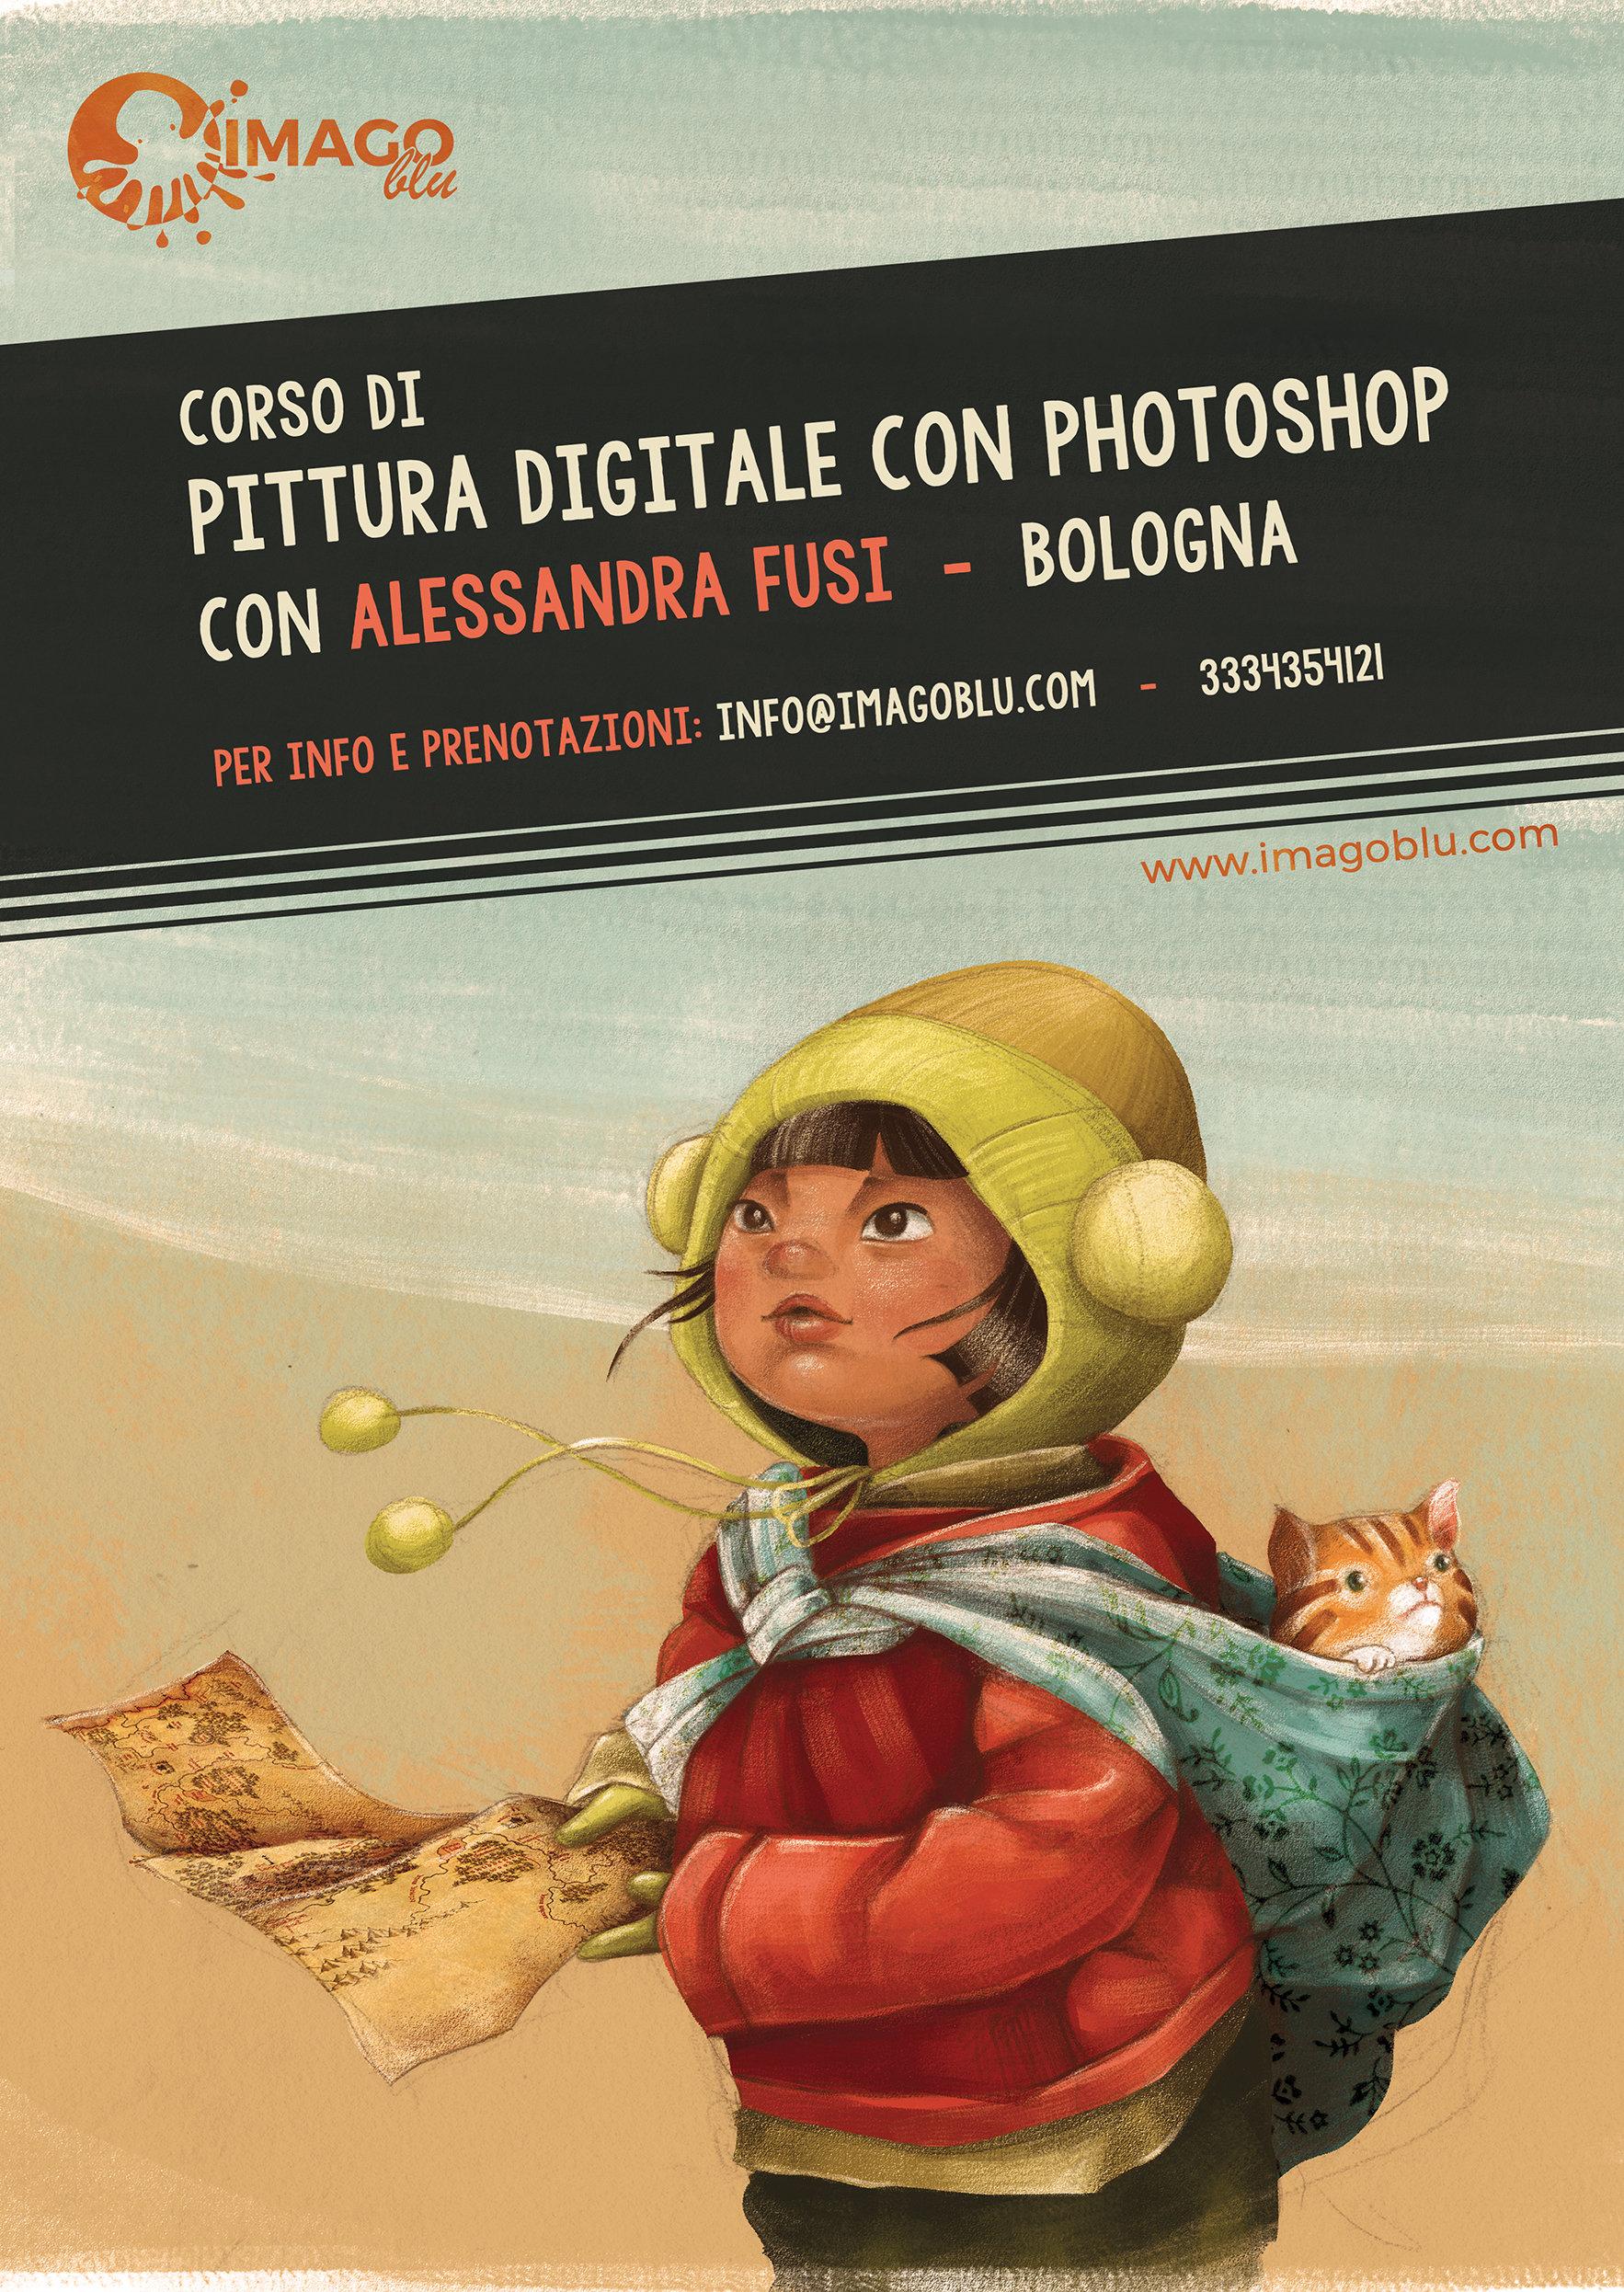 Corso annuale di pittura digitale con Photoshop – di Alessandra Fusi